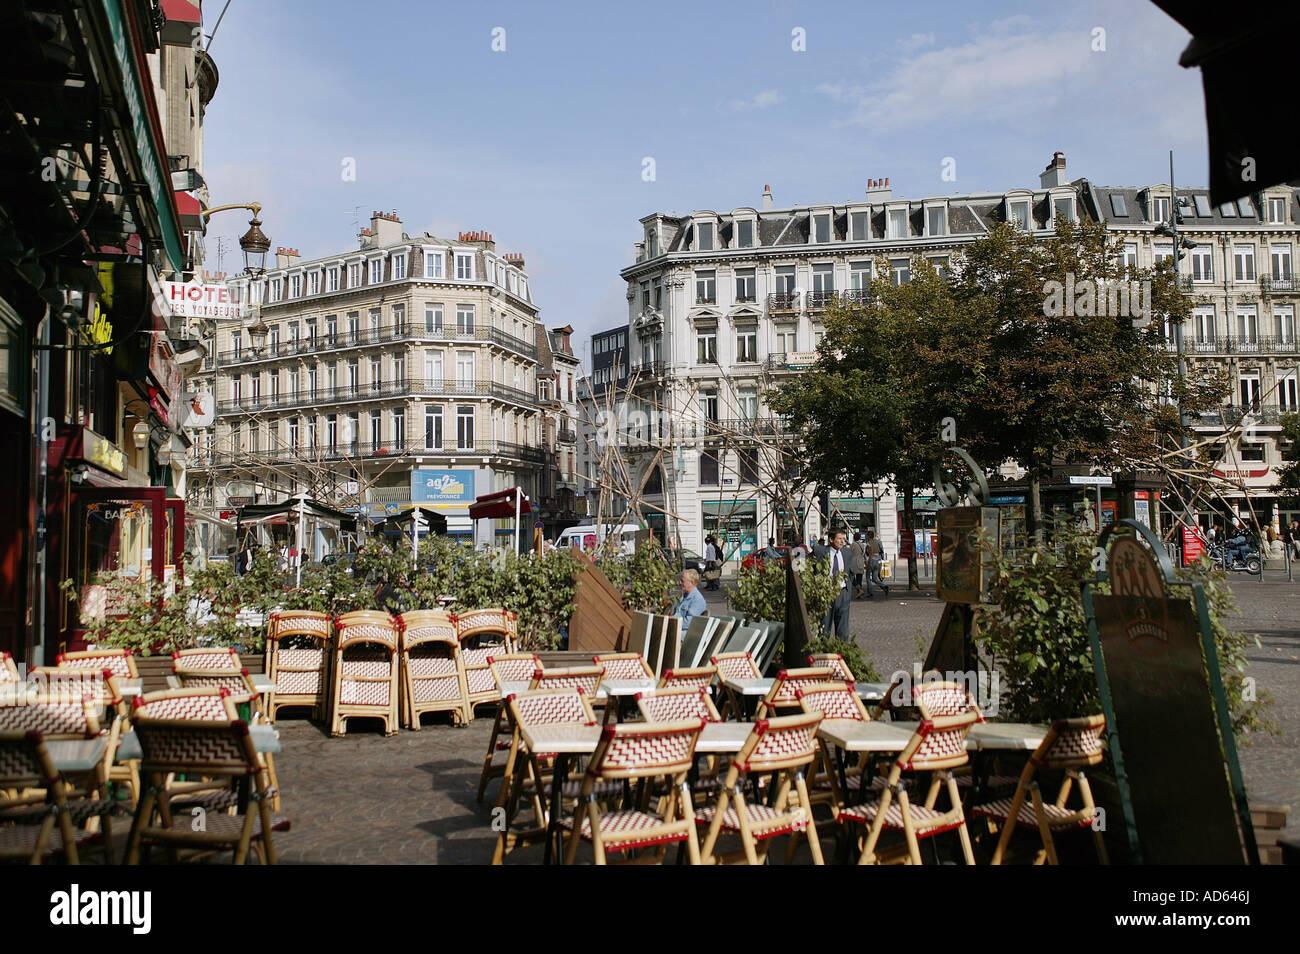 Les immeubles haussmanniens et restaurant, Lille, Place de la gare Banque D'Images